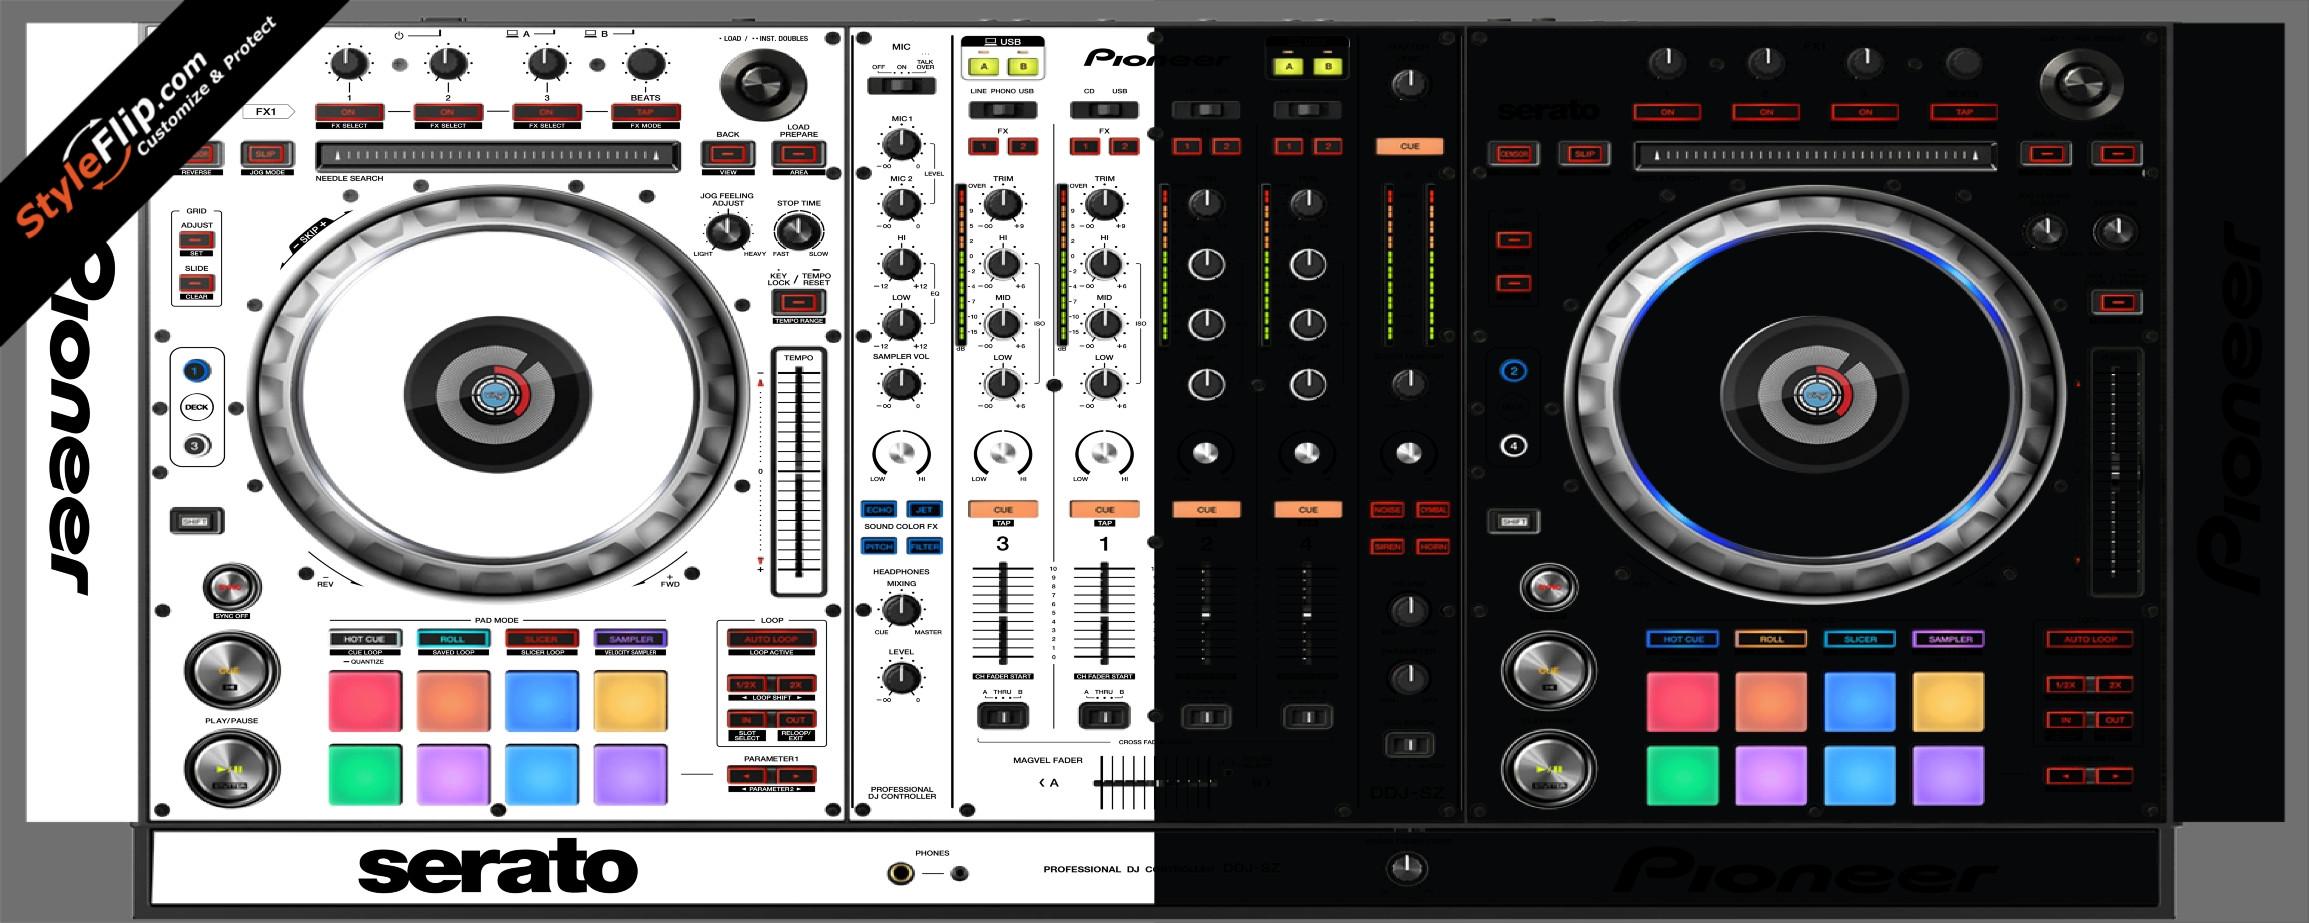 Black & White Pioneer DDJ-SZ